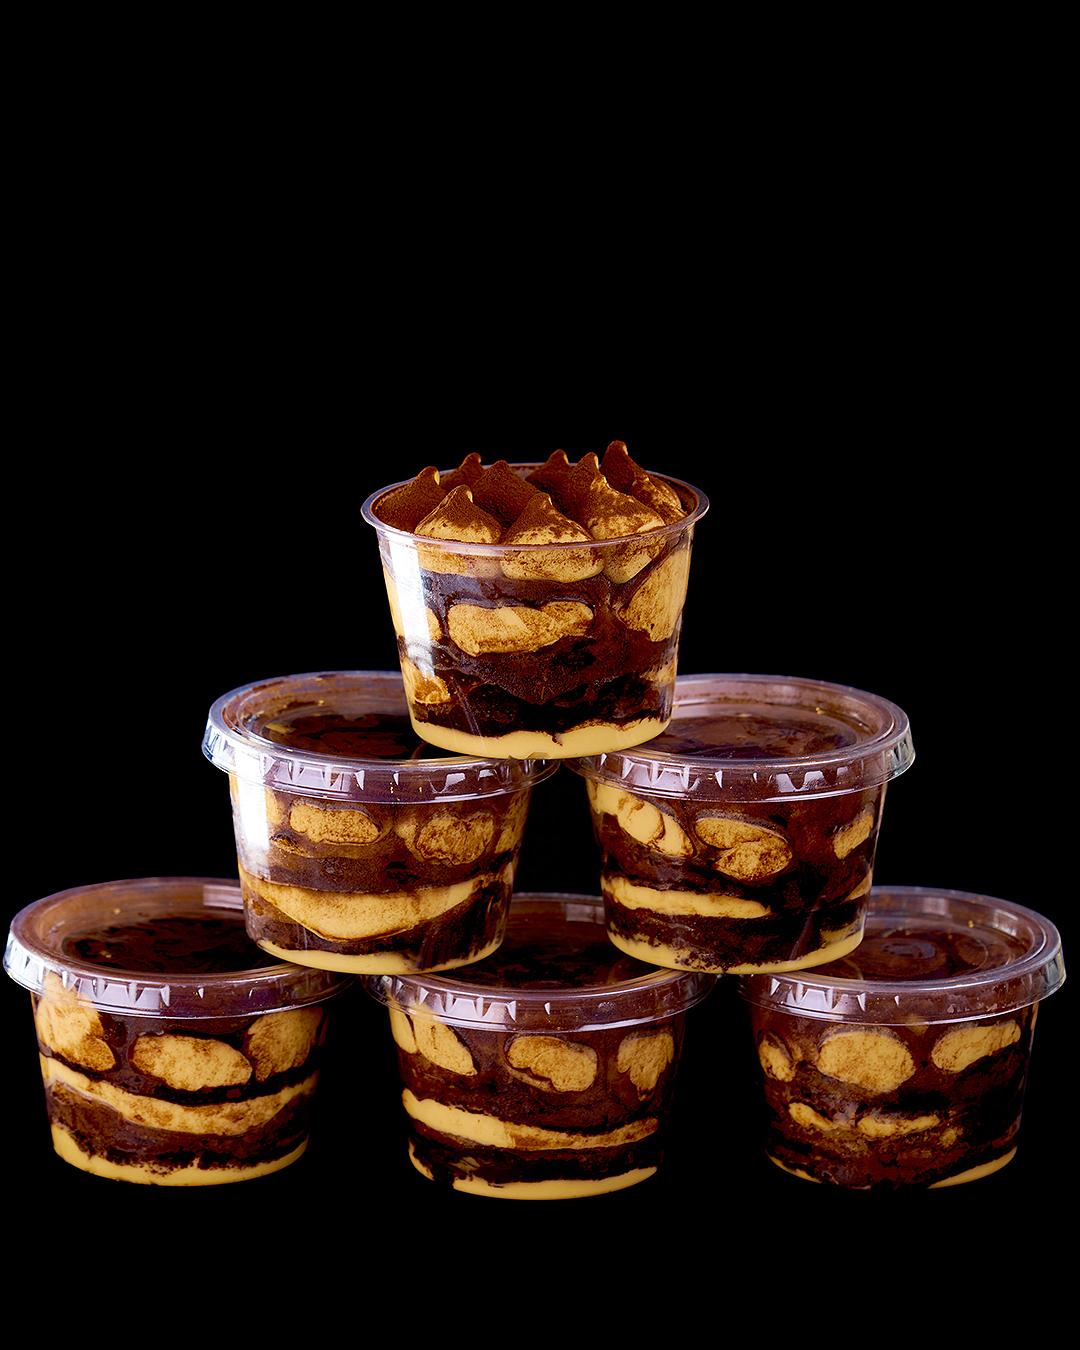 The delicious Giapo tiramisu stacked on a black background.